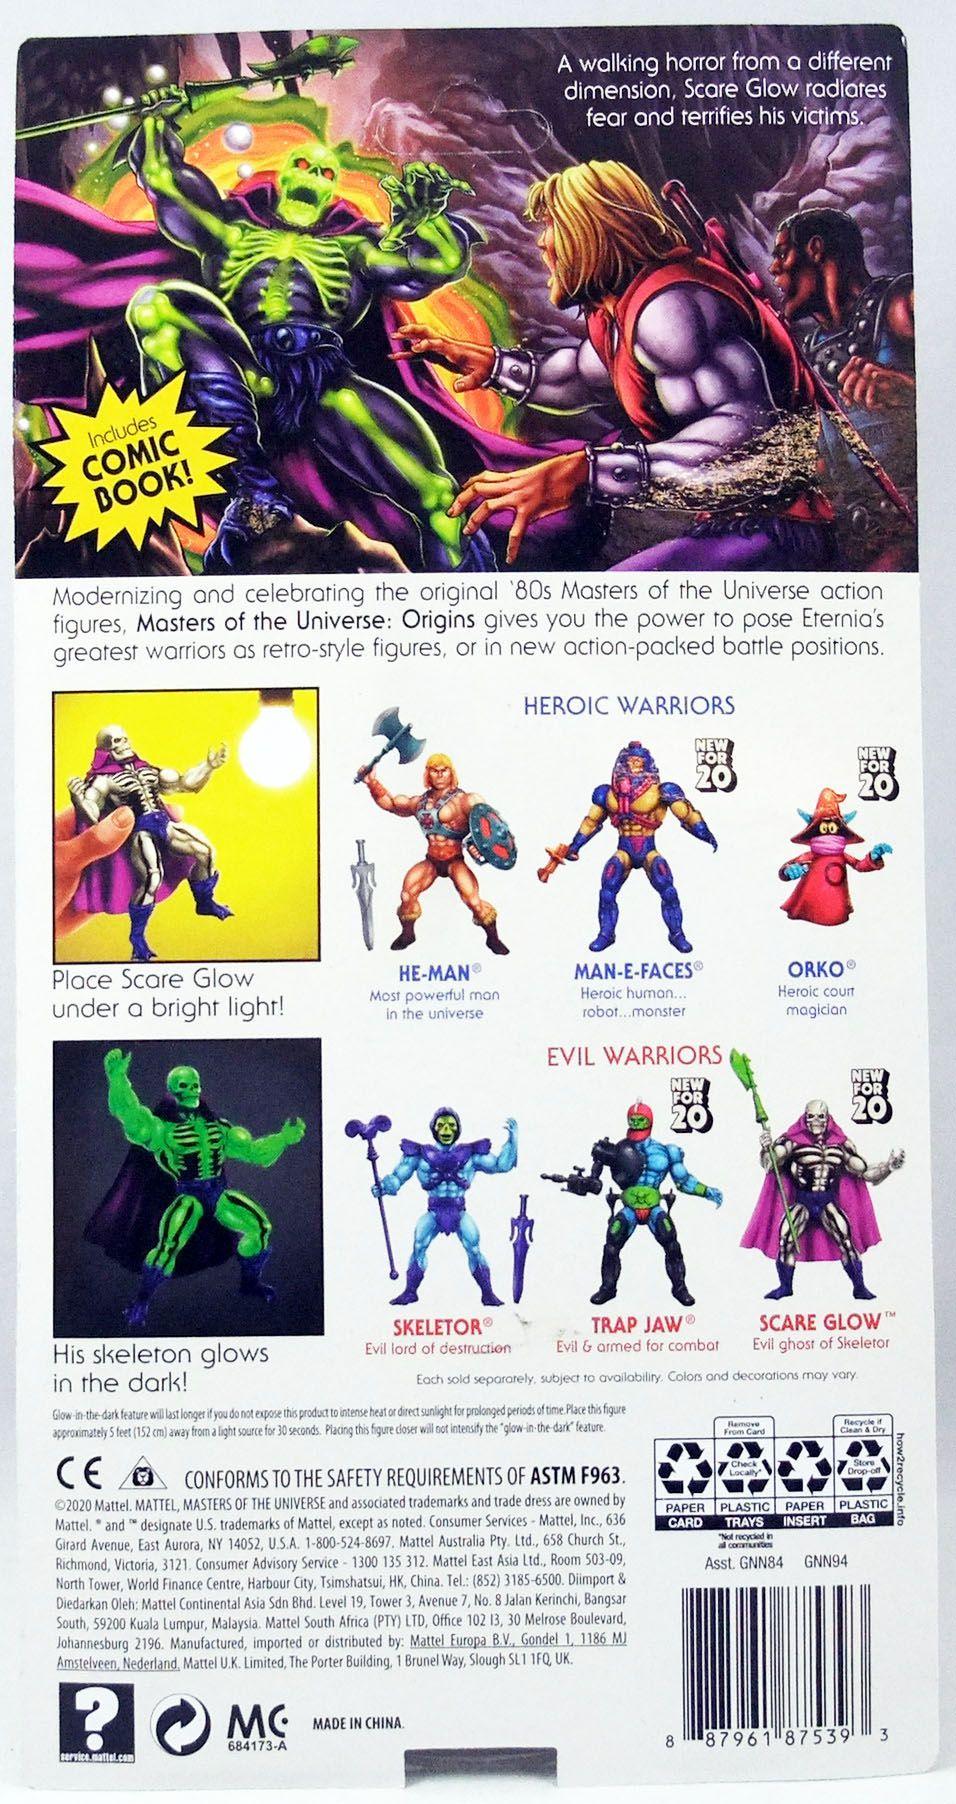 Les Maitres de l\'Univers Origins - Scare Glow / Spectror (Version USA)